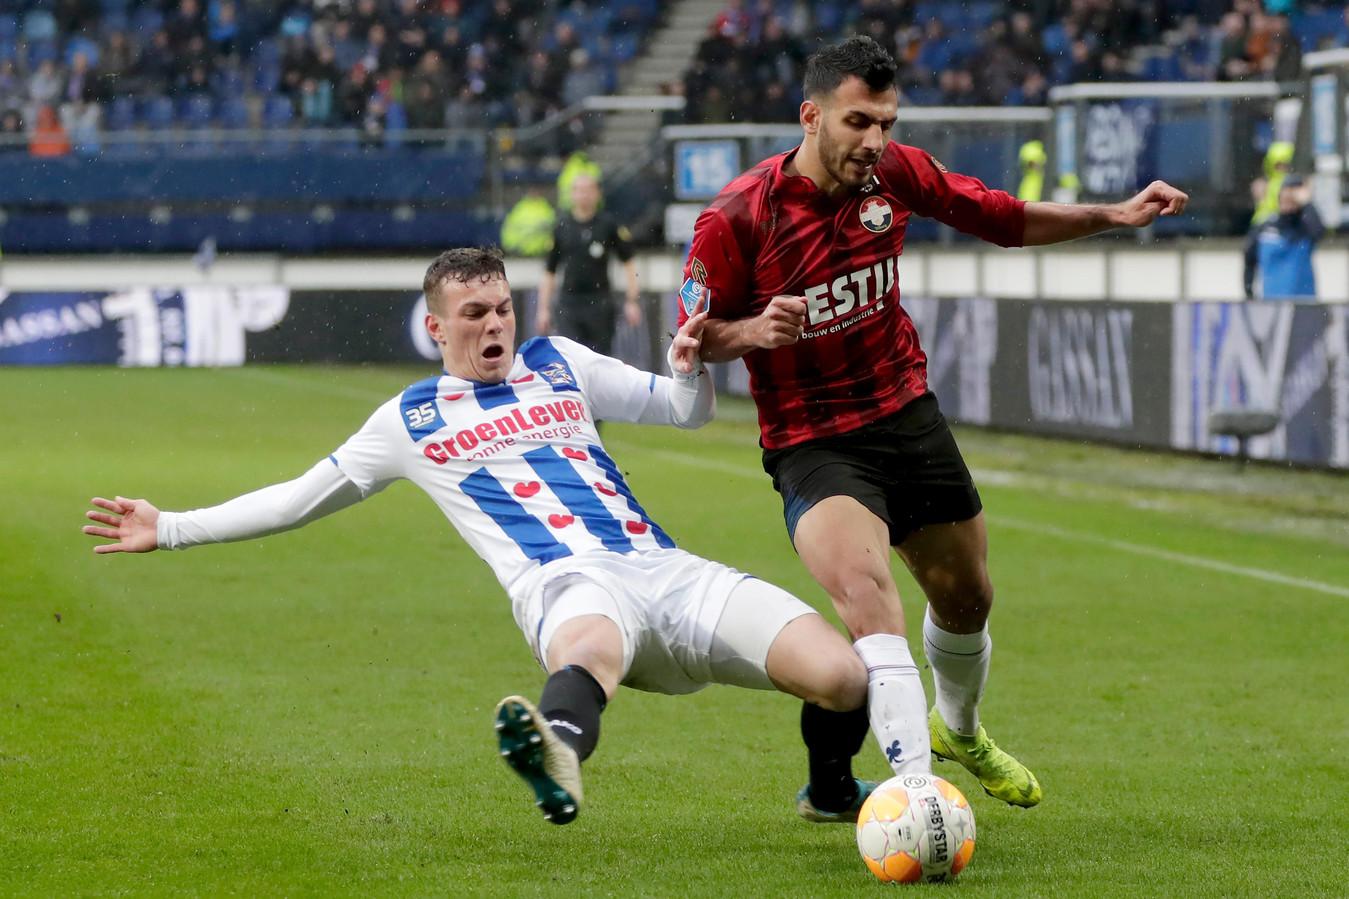 Jizz Hornkamp kreeg bij Heerenveen vooral een kans als rechtsback.